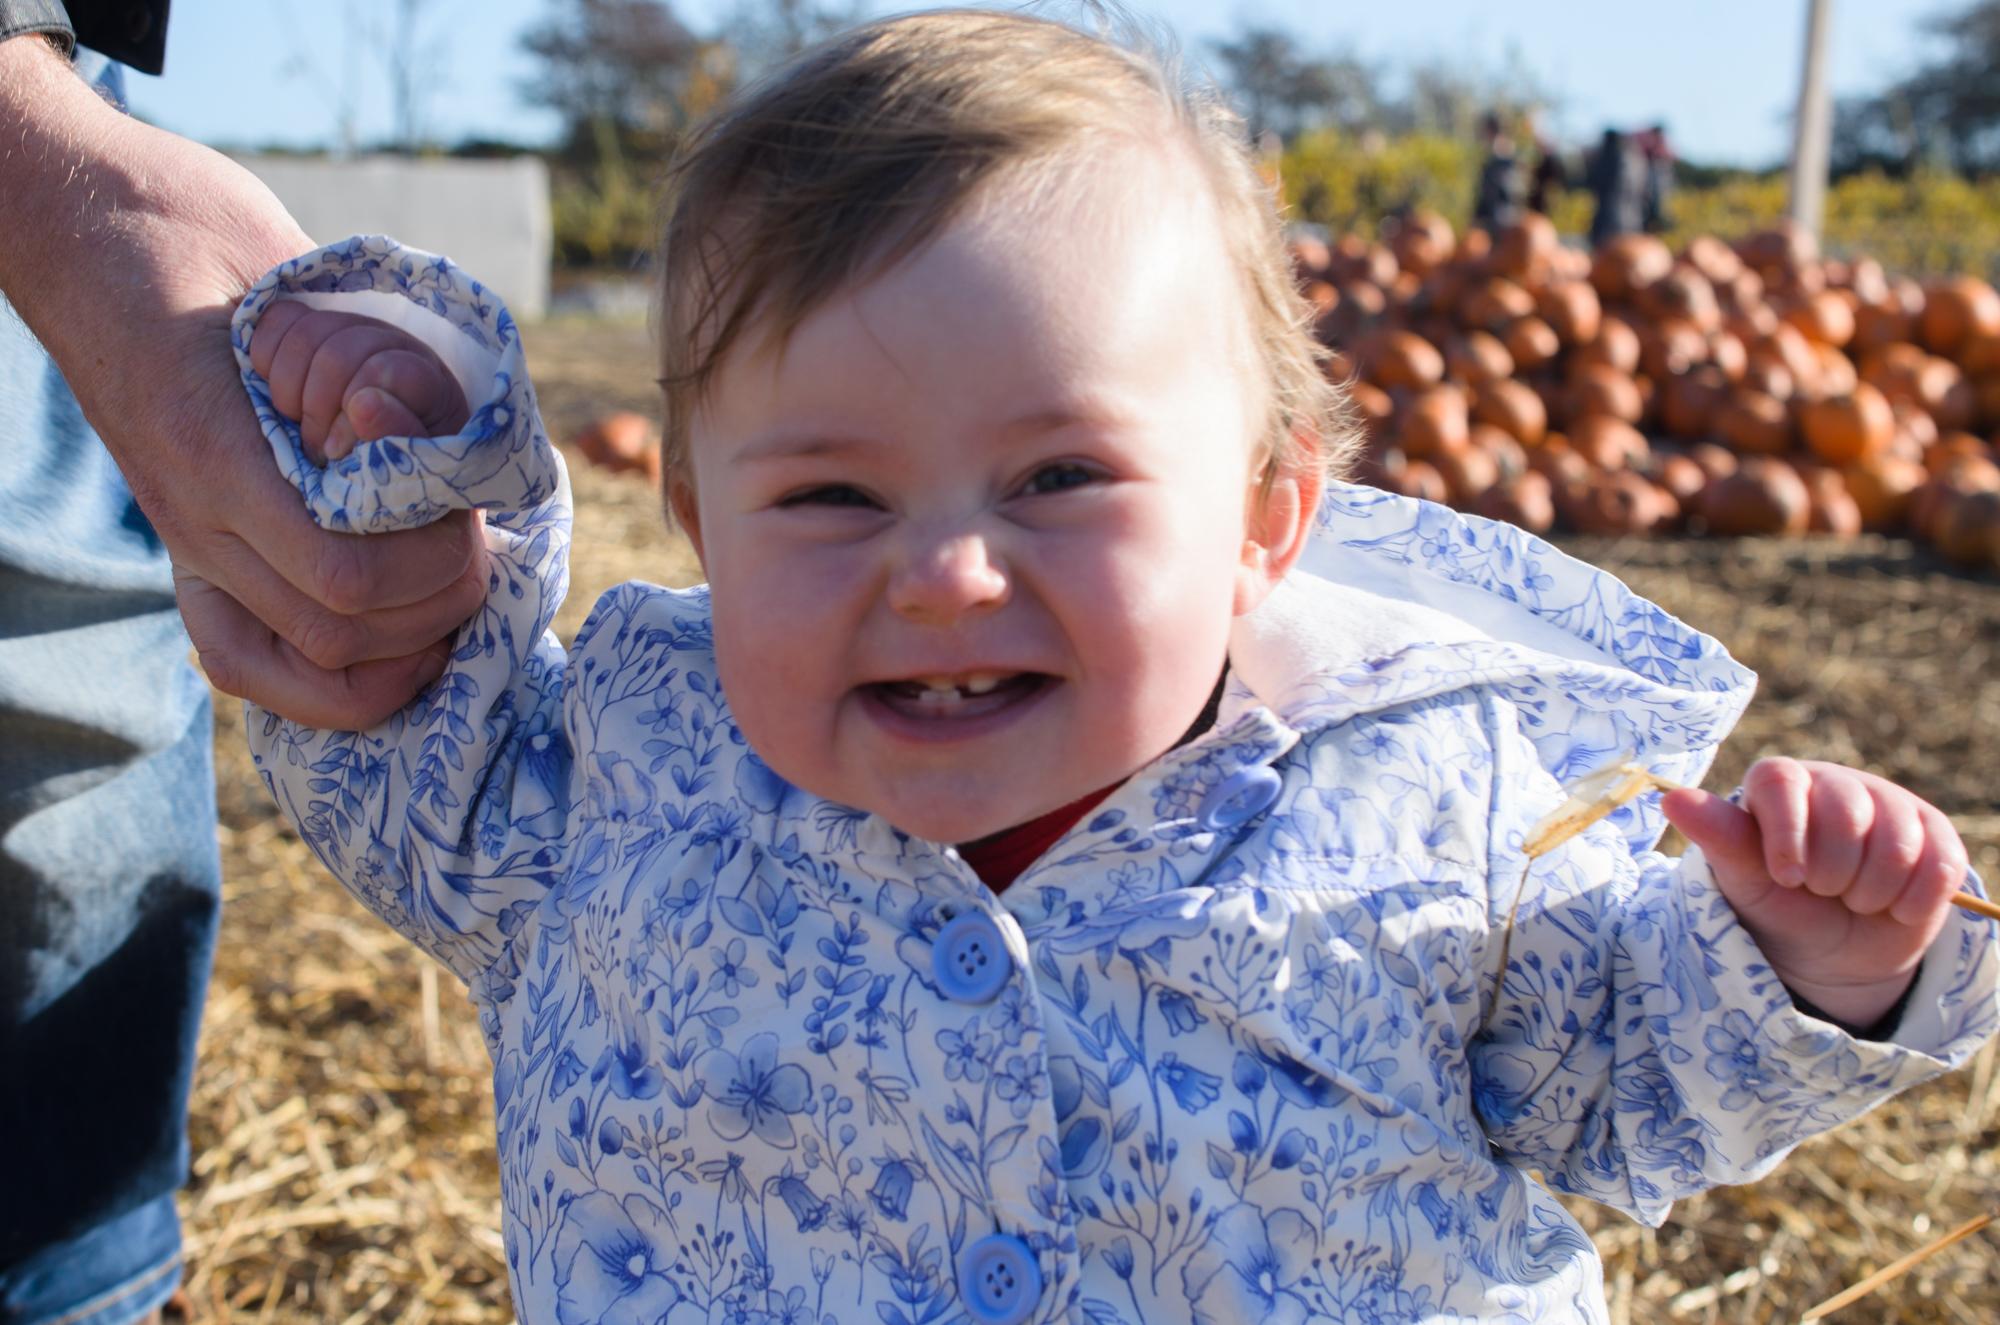 Cara in the pumpkin patch